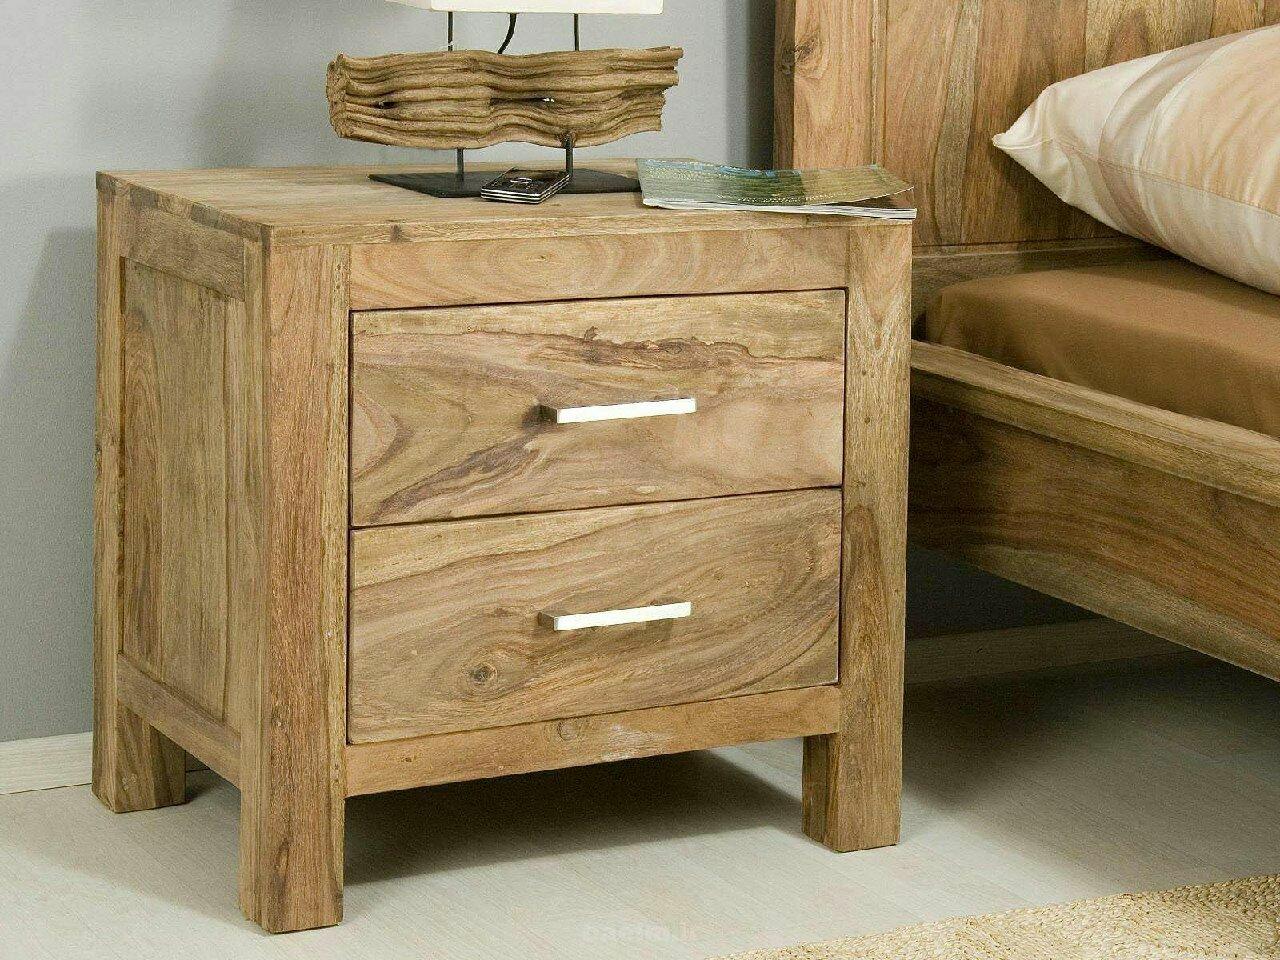 دراور پا تختی، سرویس خواب تمام چوب